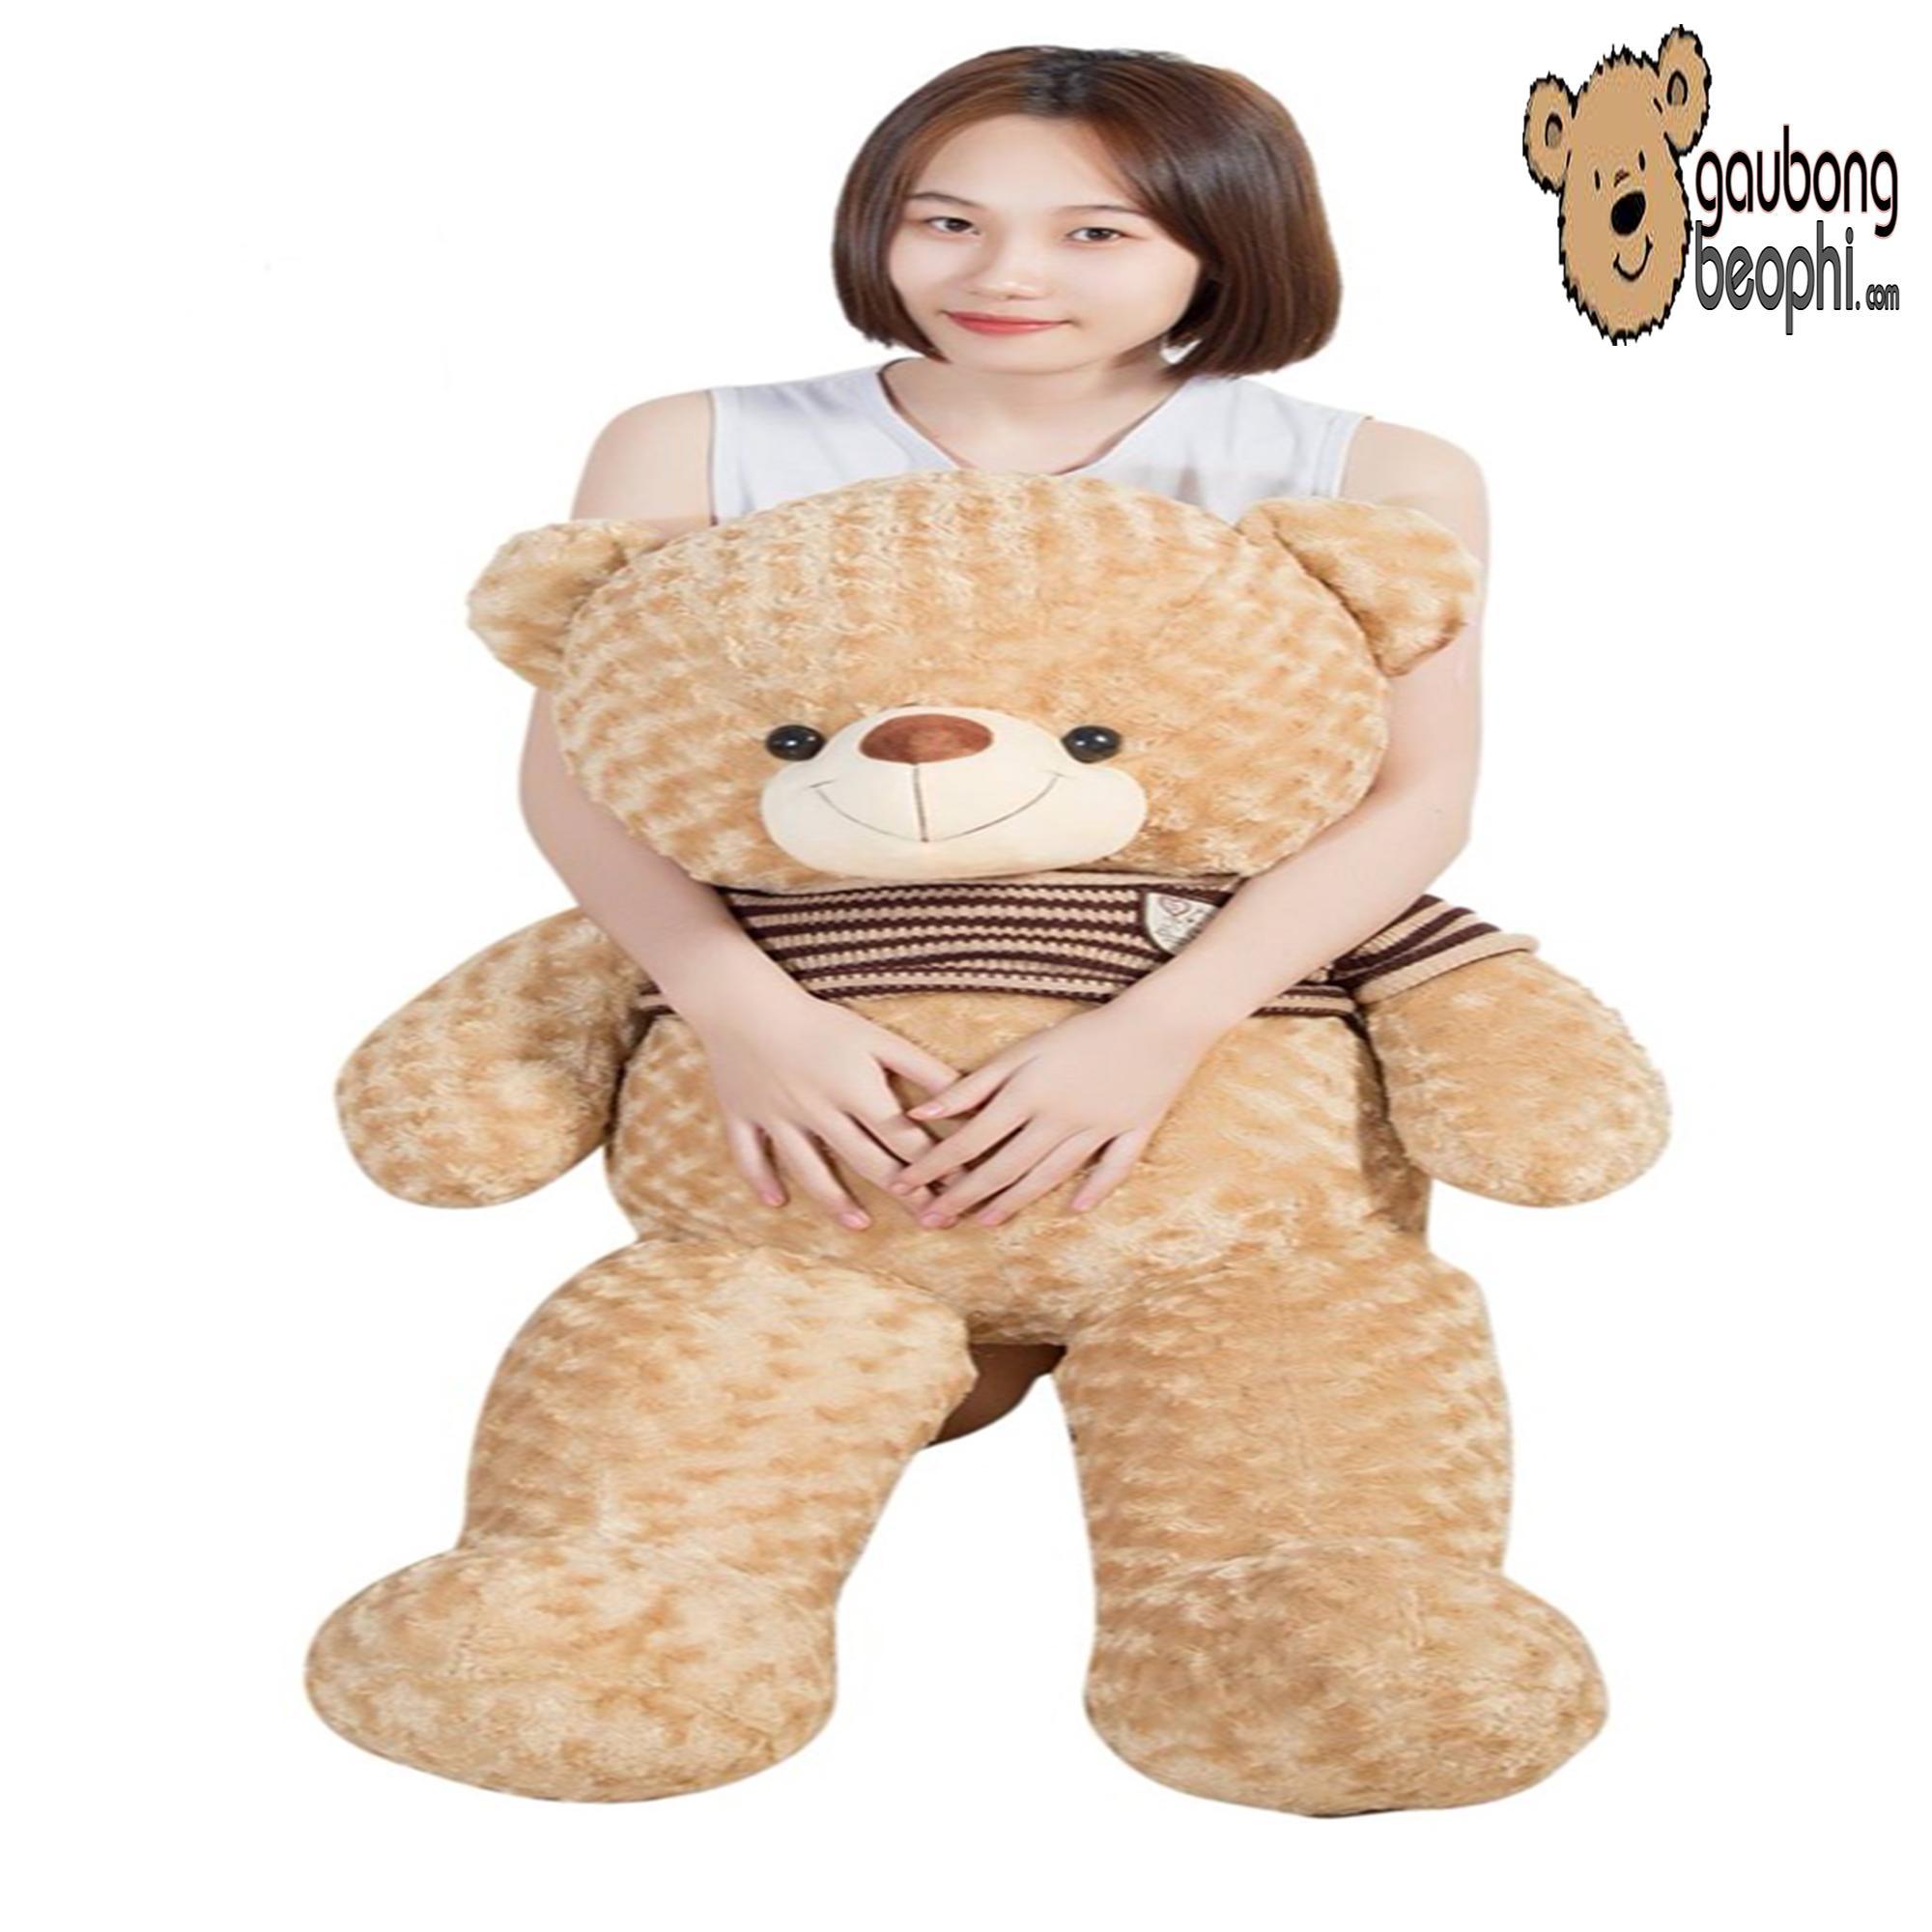 Hình ảnh Gấu bông teddy áo len cao cấp khổ vải 1m2, Shop Gấu Bông Béo Phì, món quà ý nghĩa chuyên dành cho việc tỏ tình, nhân dịp sinh nhật, quà tặng đồ chơi bằng bông an toàn cho bé